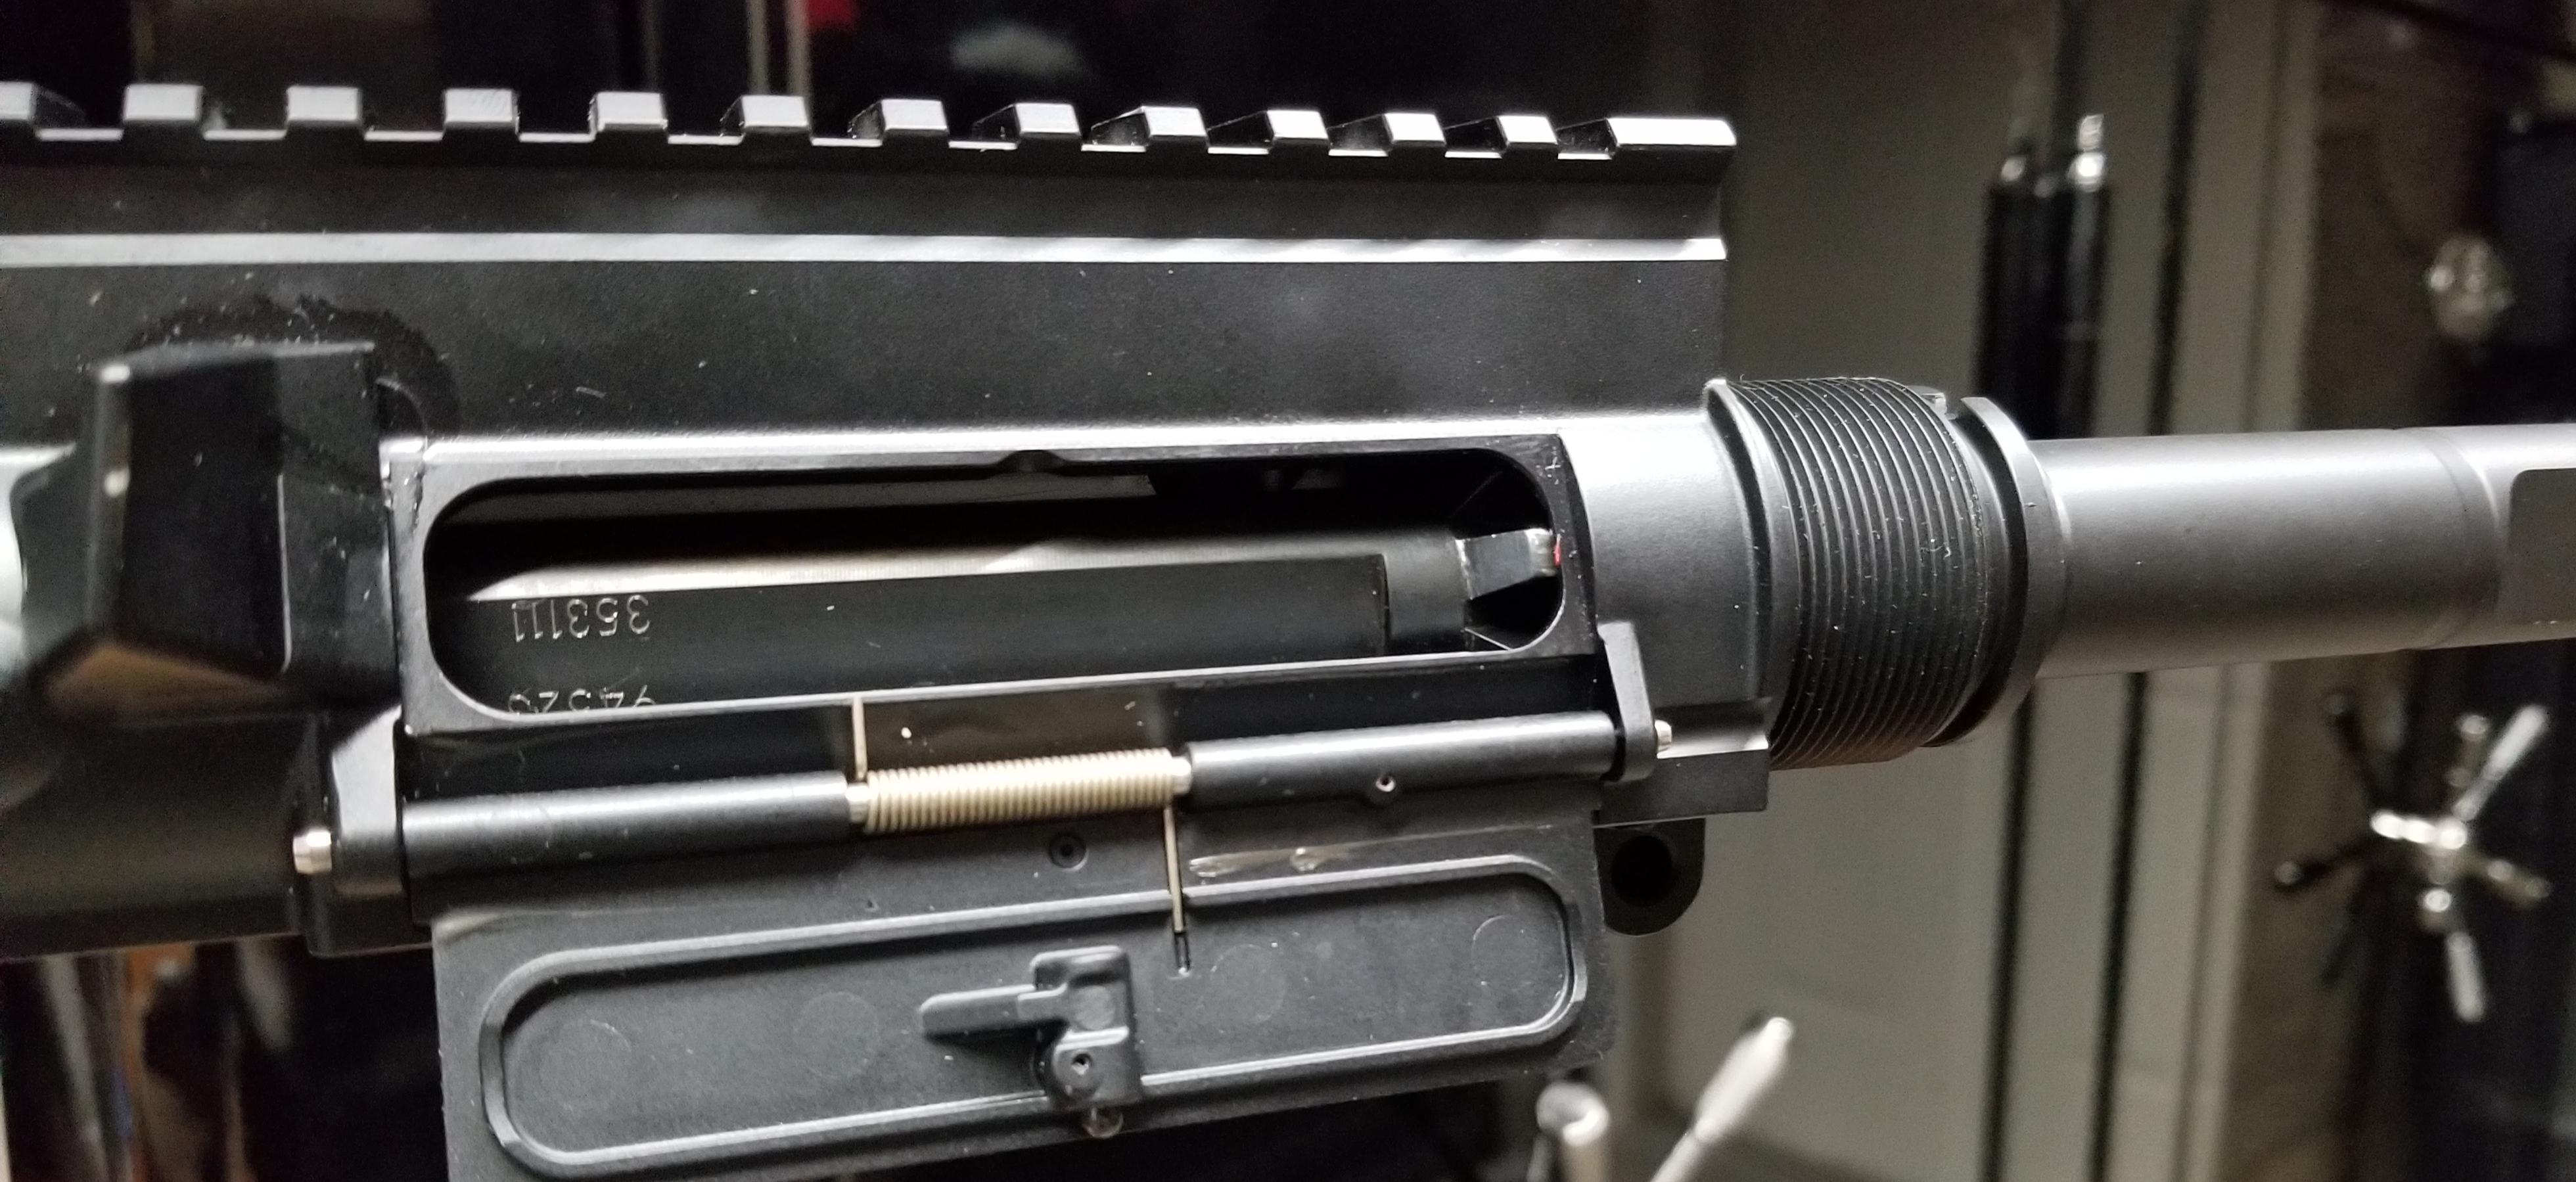 HK417 Upper Reciever Rod/Fixture for Barrel installation-20190725_210324.jpg